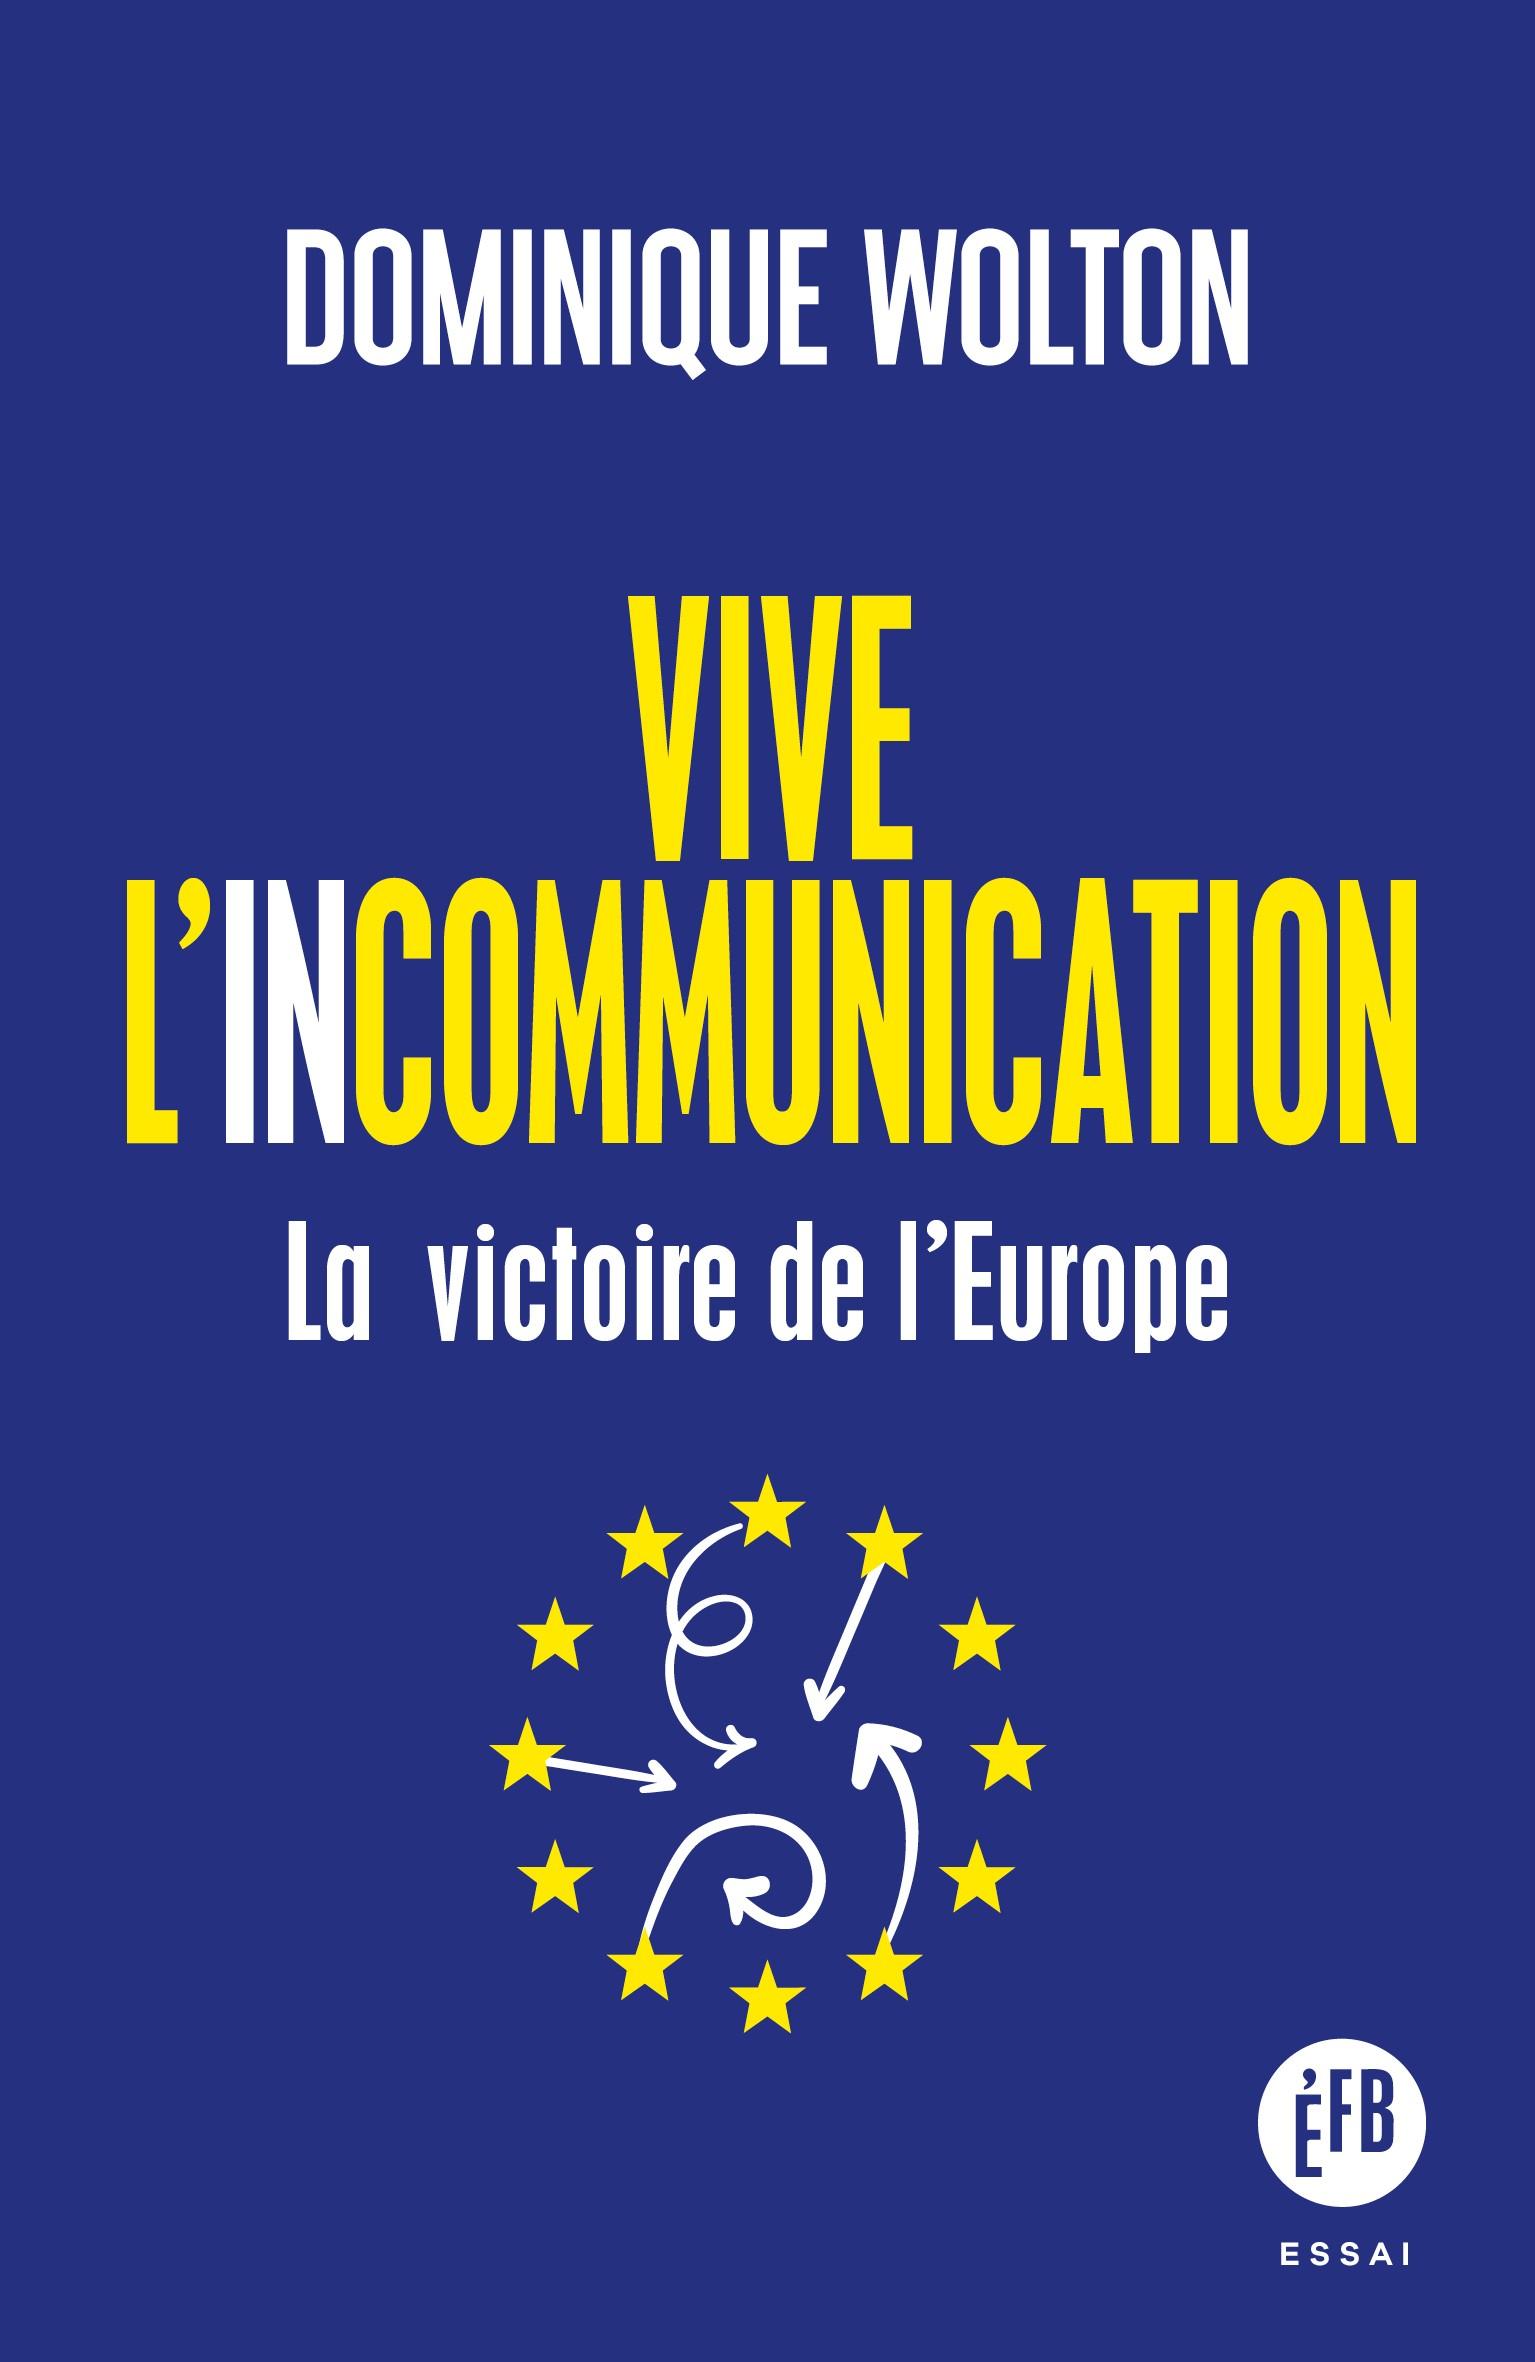 Dominique Wolton, Président du CEP sort aux éditions François Bourin un ouvrage intitulé «Vive l'incommunication – La victoire de l'Europe»